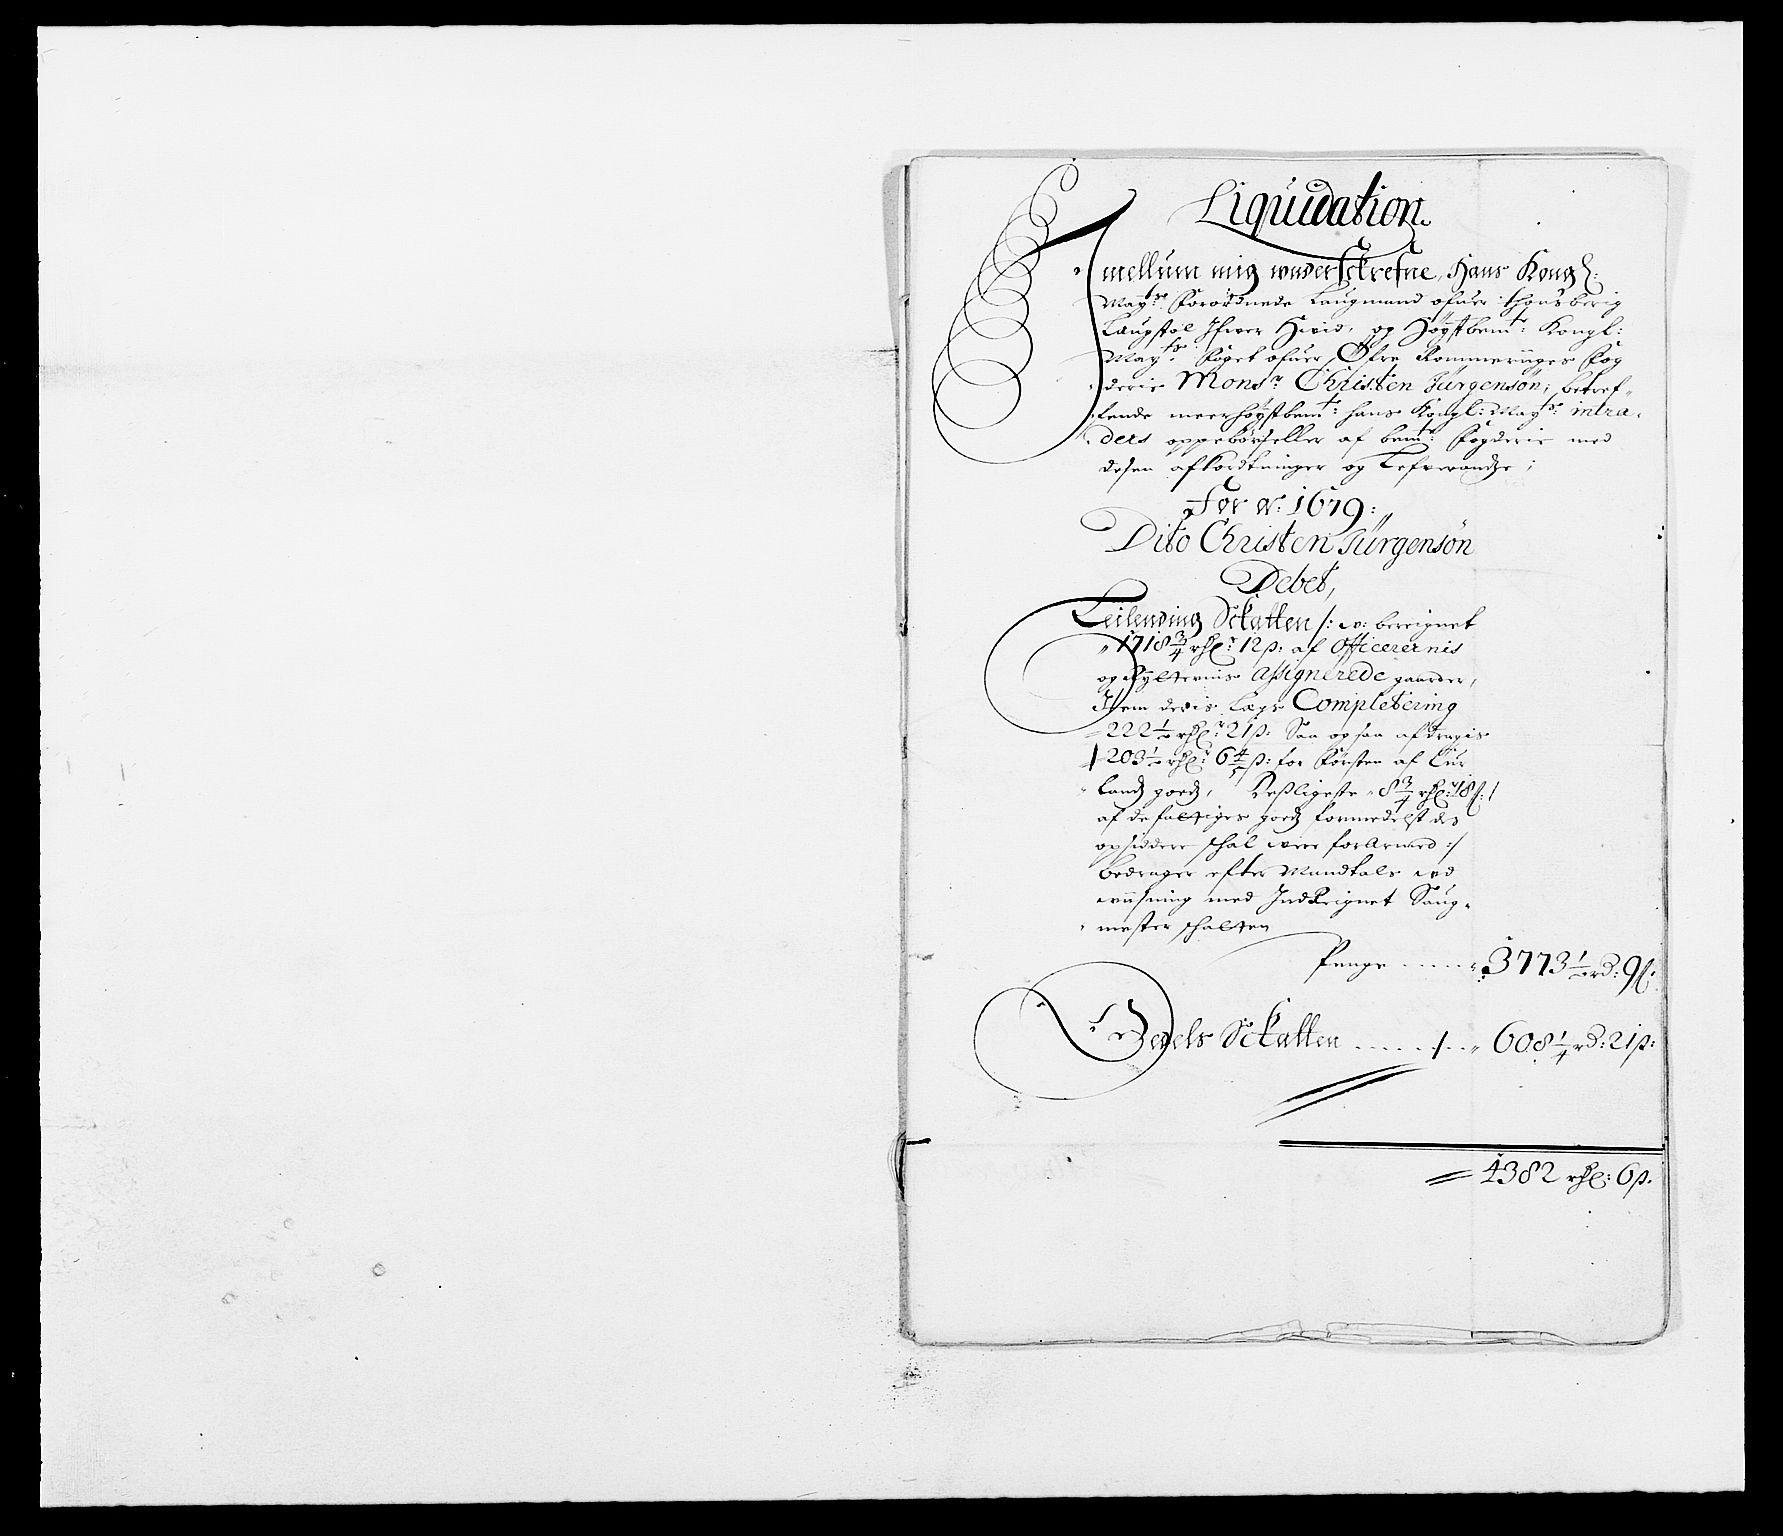 RA, Rentekammeret inntil 1814, Reviderte regnskaper, Fogderegnskap, R12/L0694: Fogderegnskap Øvre Romerike, 1678-1679, s. 256